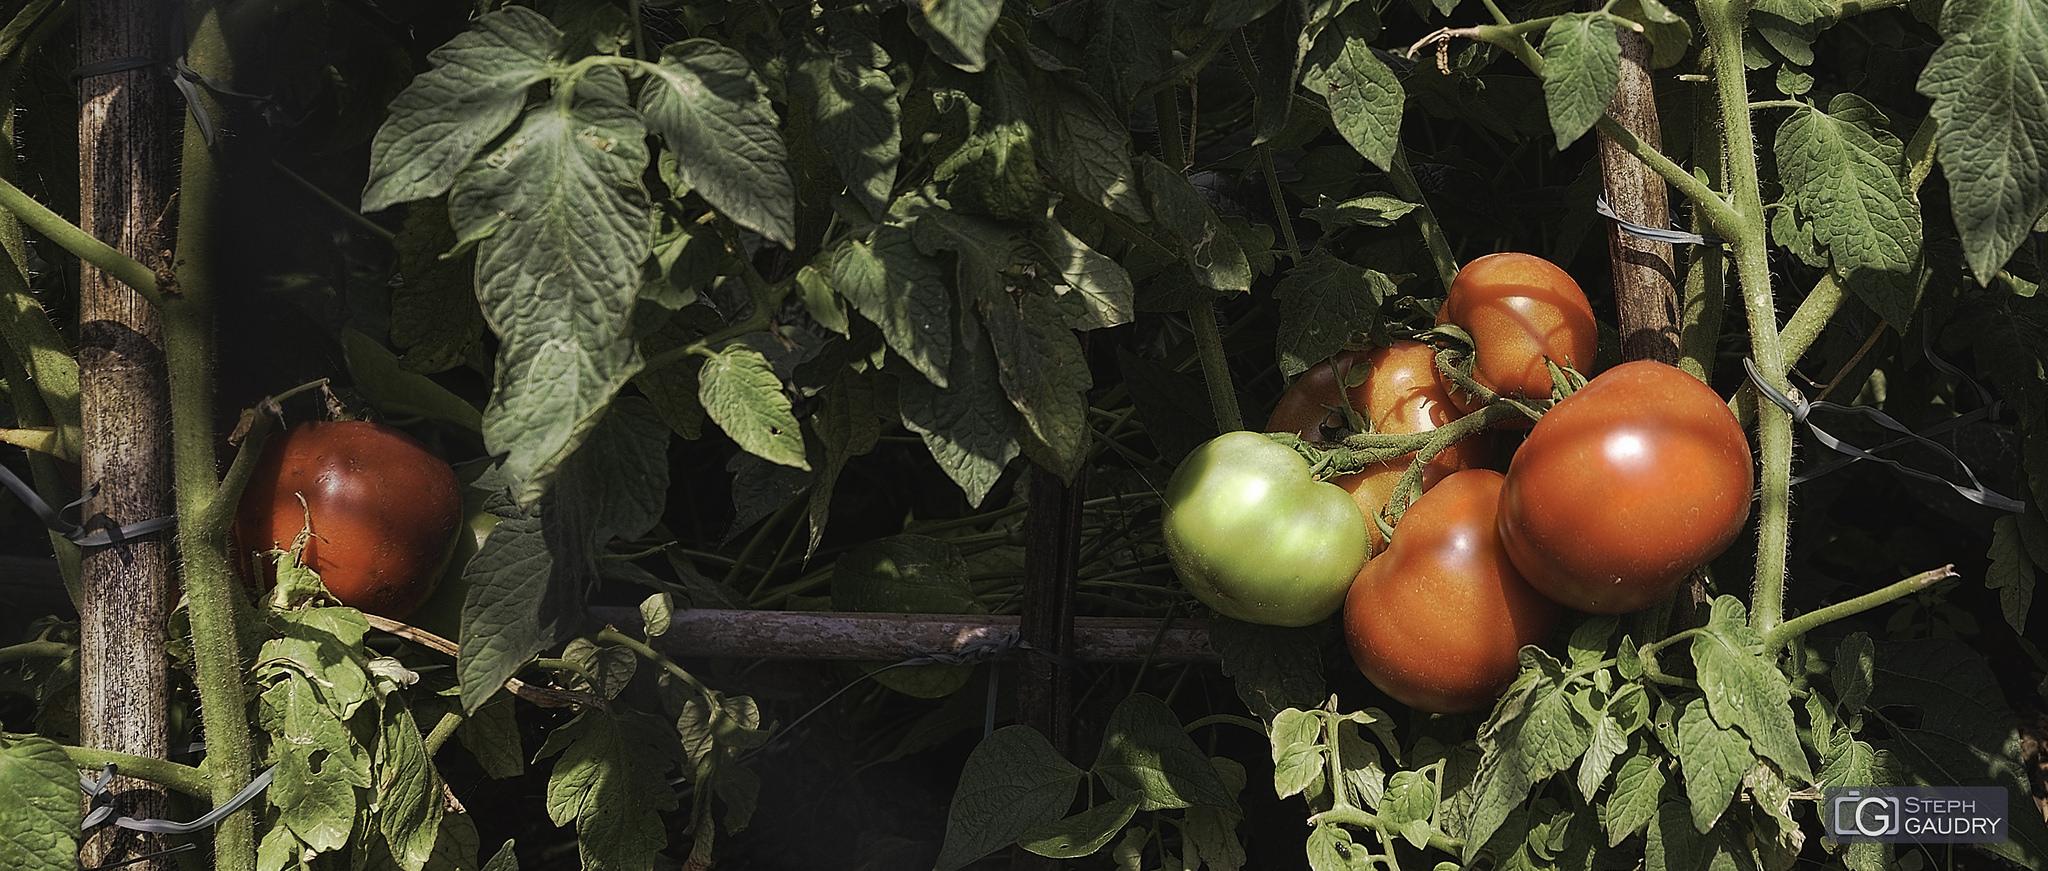 Pomodoro, figlio del sole [Cliquez pour lancer le diaporama]